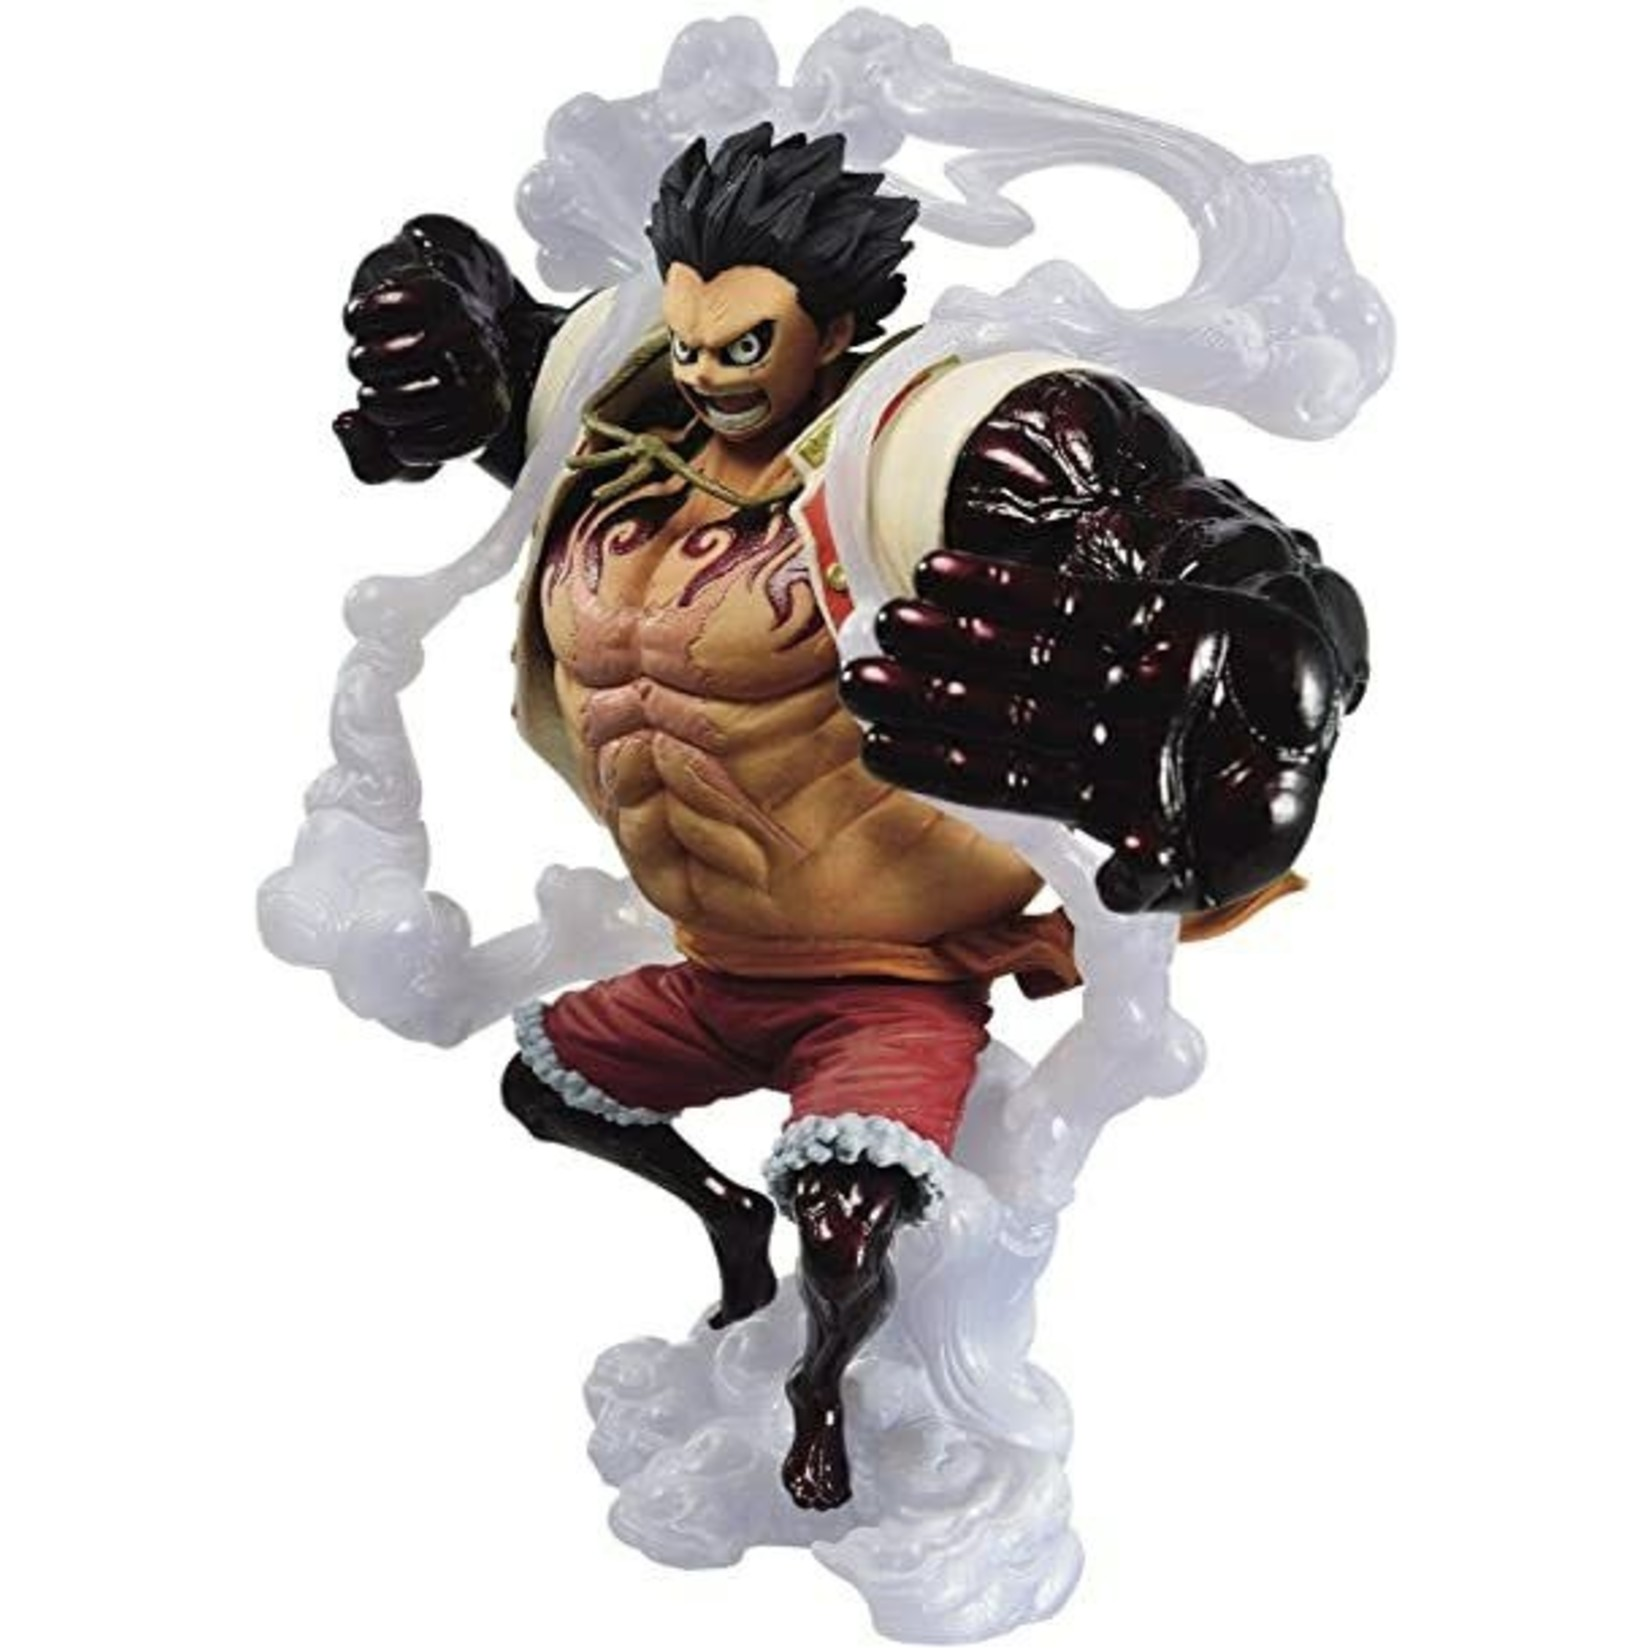 Figure-King of Artist Monkey D Luffy